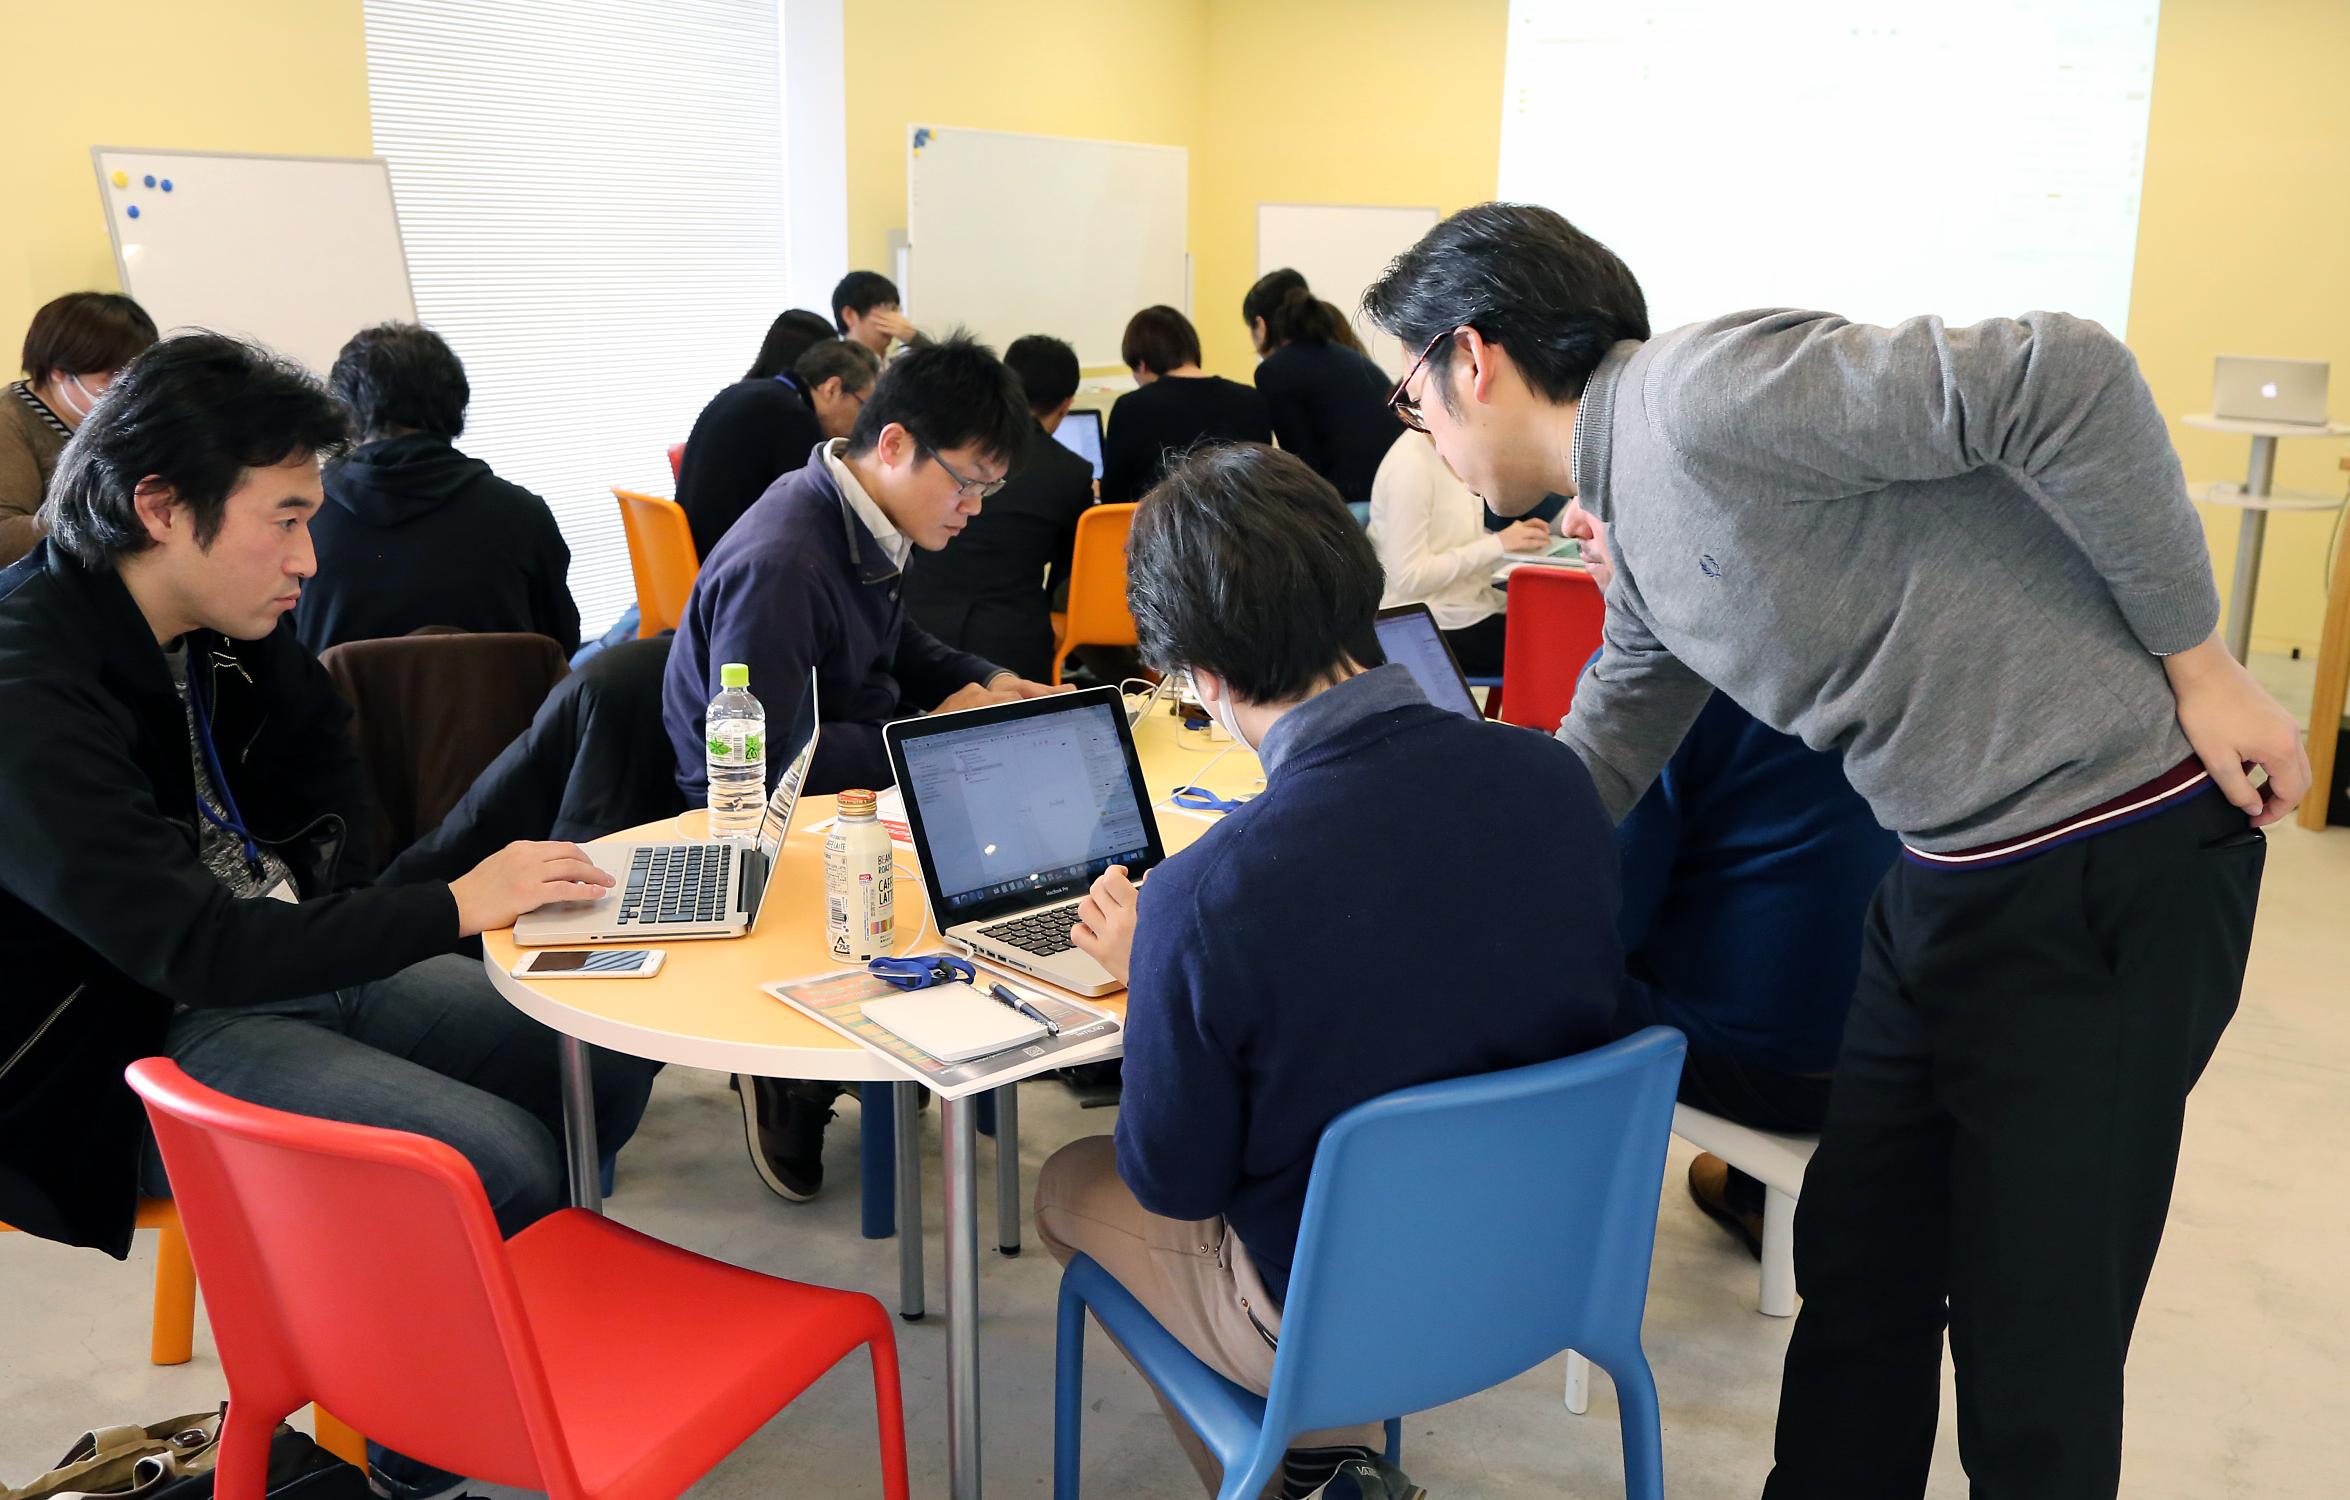 【イベントレポート】ゼロからのアプリ開発ブートキャンプがスタート!